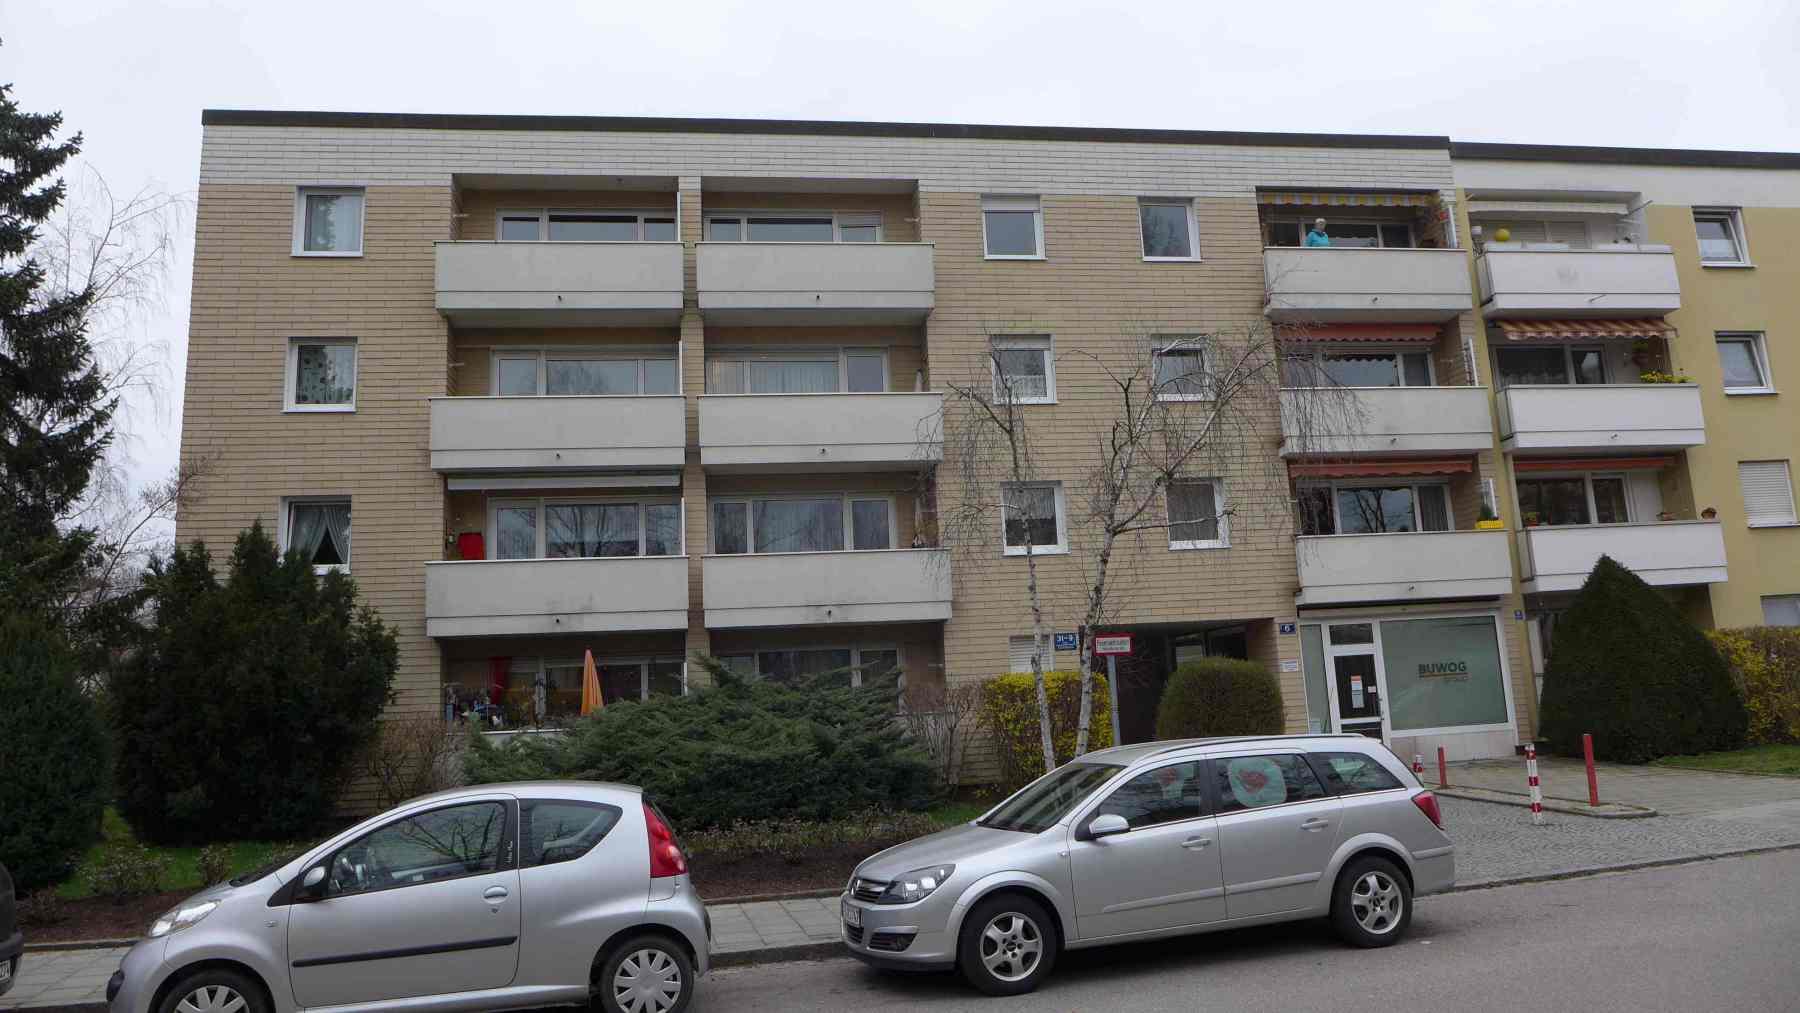 Balkoninstandsetzung-Germering-2